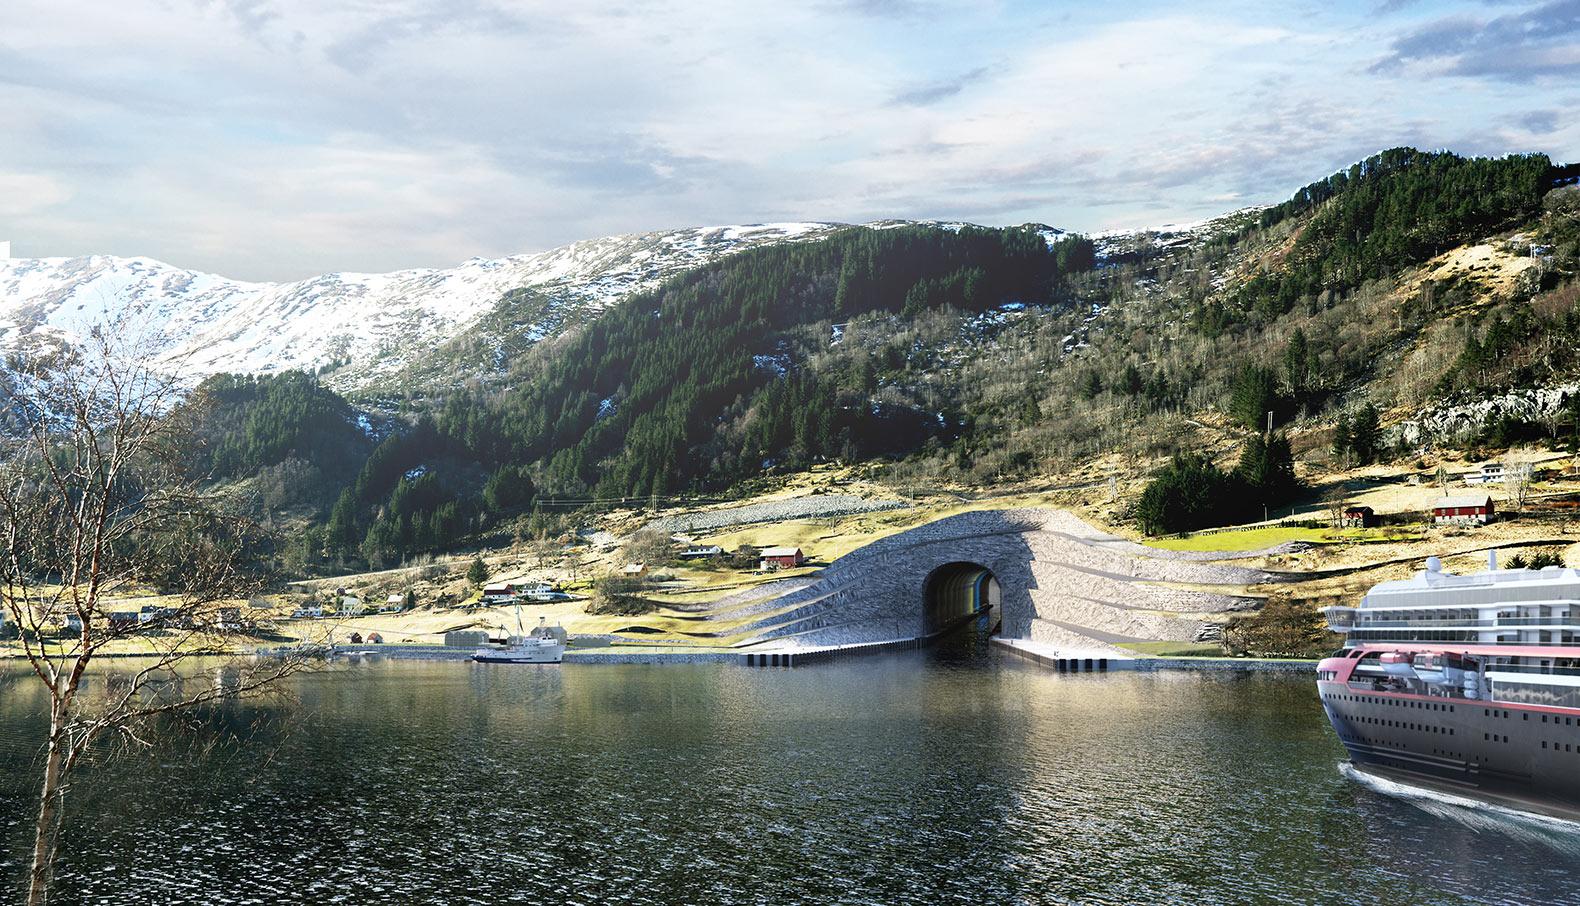 Судоходный тоннель внутри полуострова в Норвегии (4 фото)